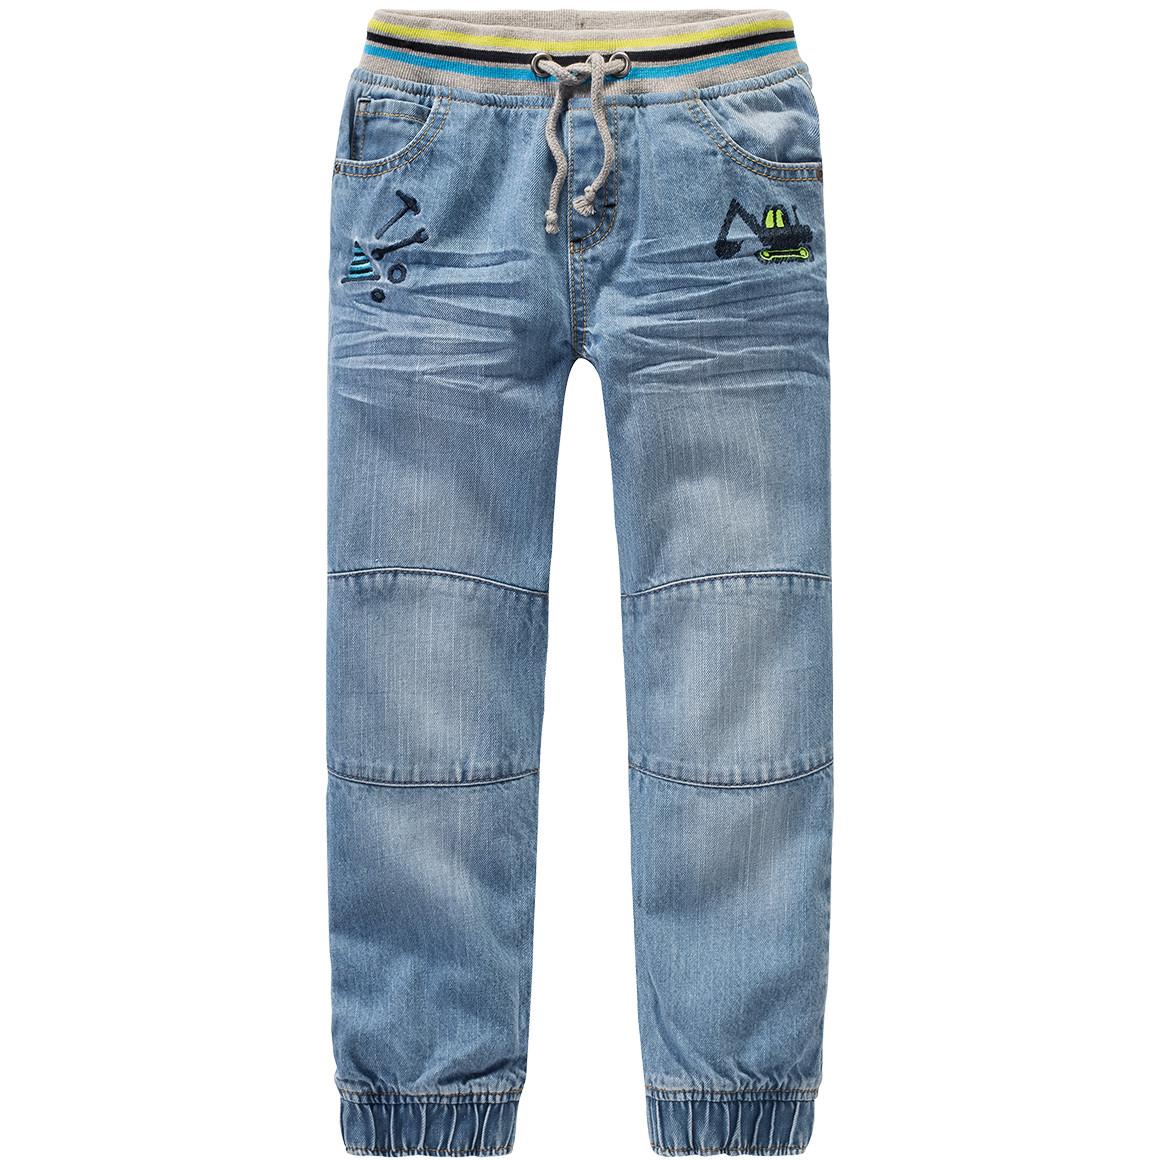 Jungen Pull On Jeans mit Tunnelzug